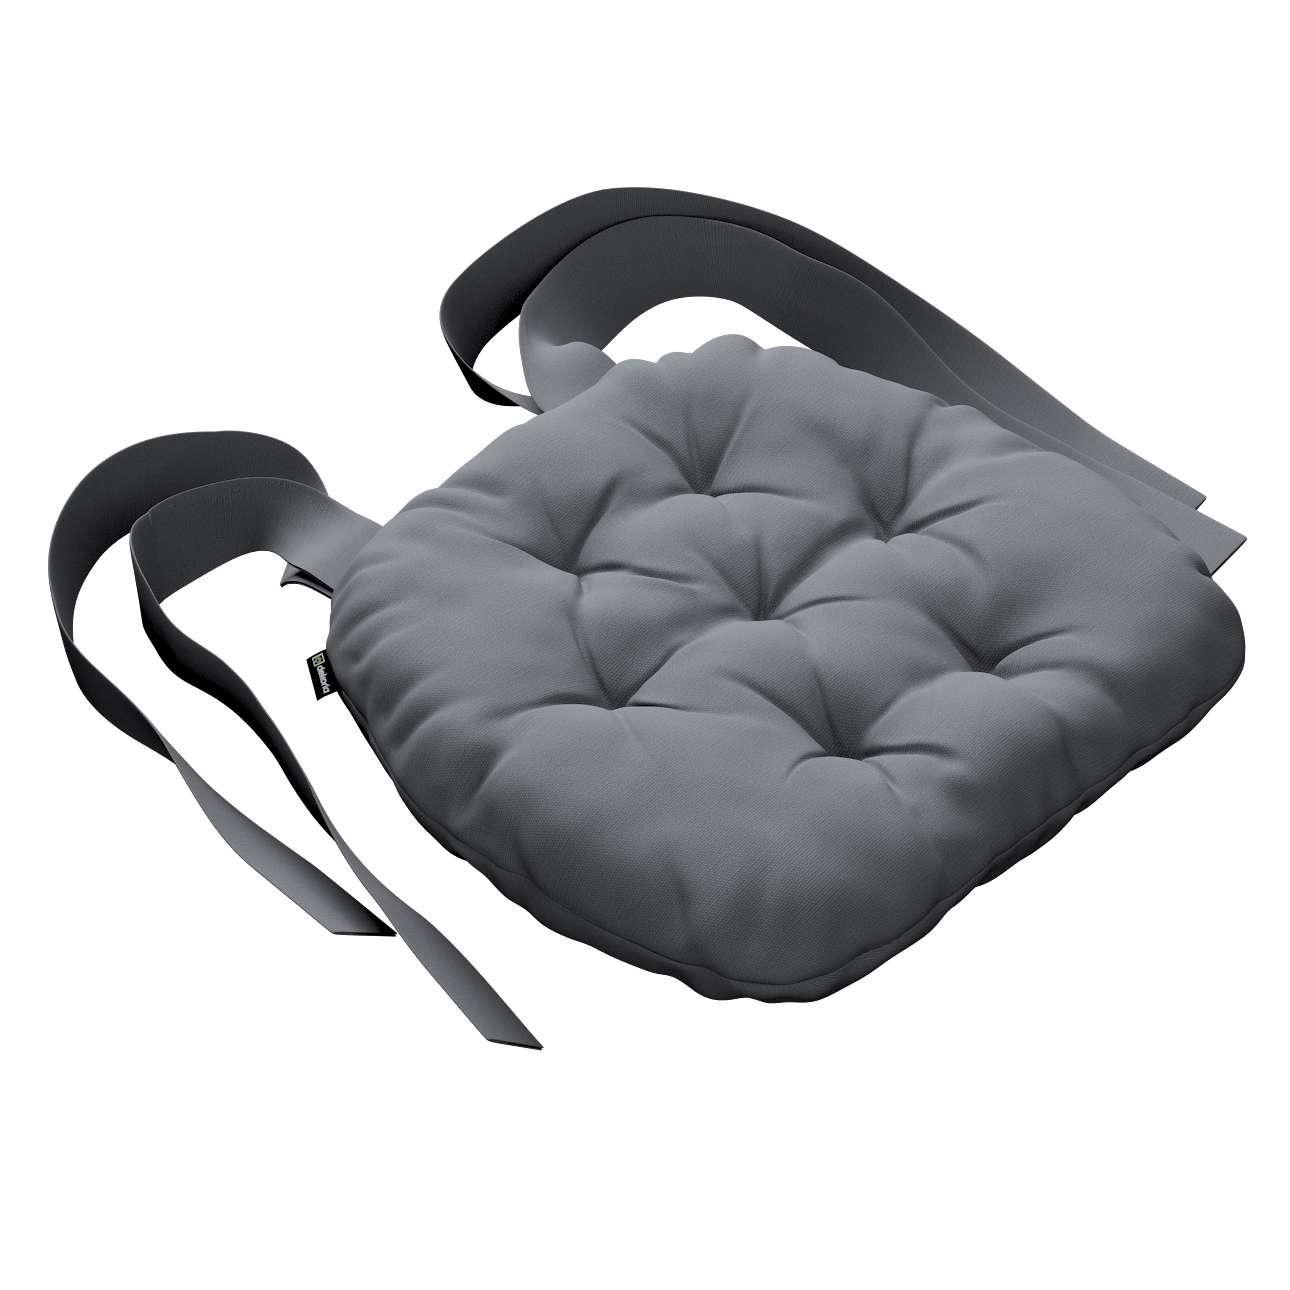 Siedzisko Marcin na krzesło 40x37x8cm w kolekcji Cotton Panama, tkanina: 702-07